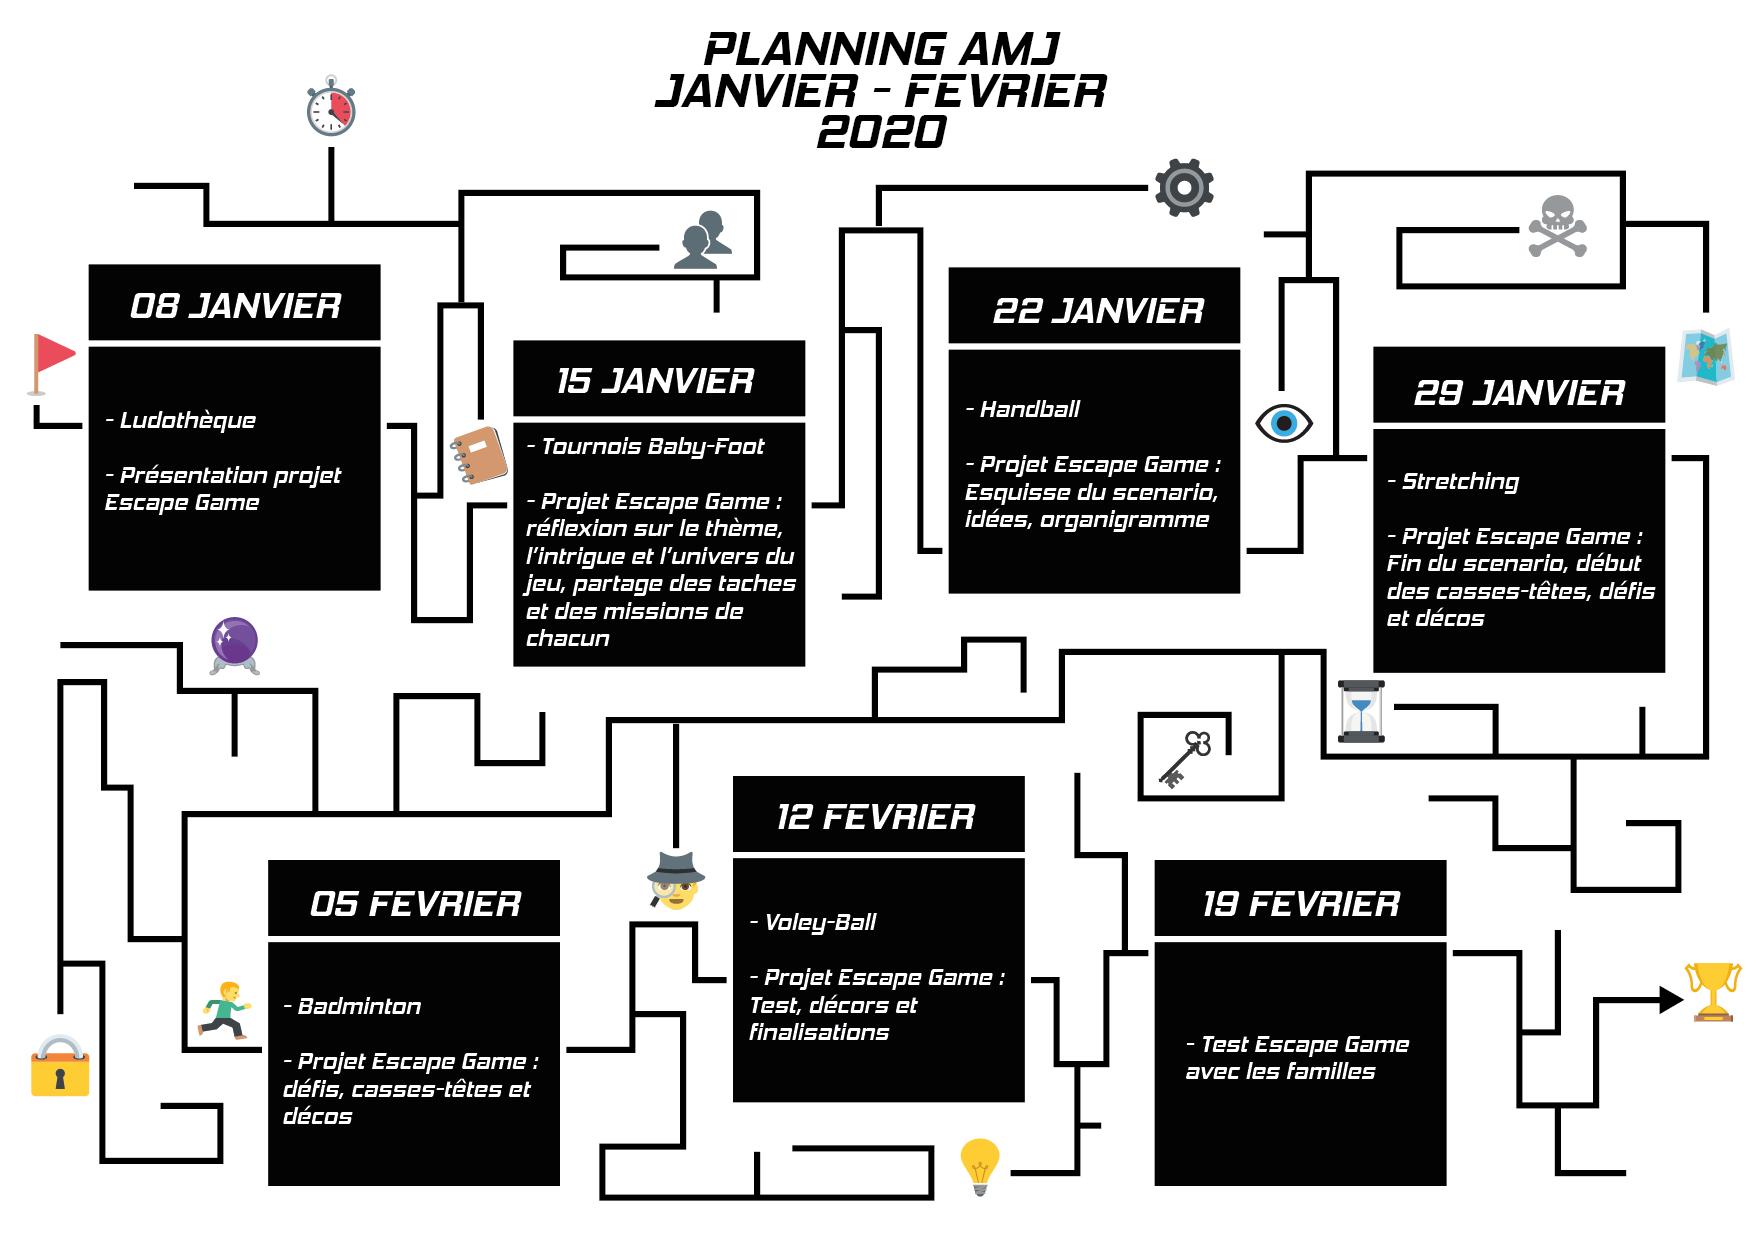 Planning_AMJ_Jan_Fev_20.png